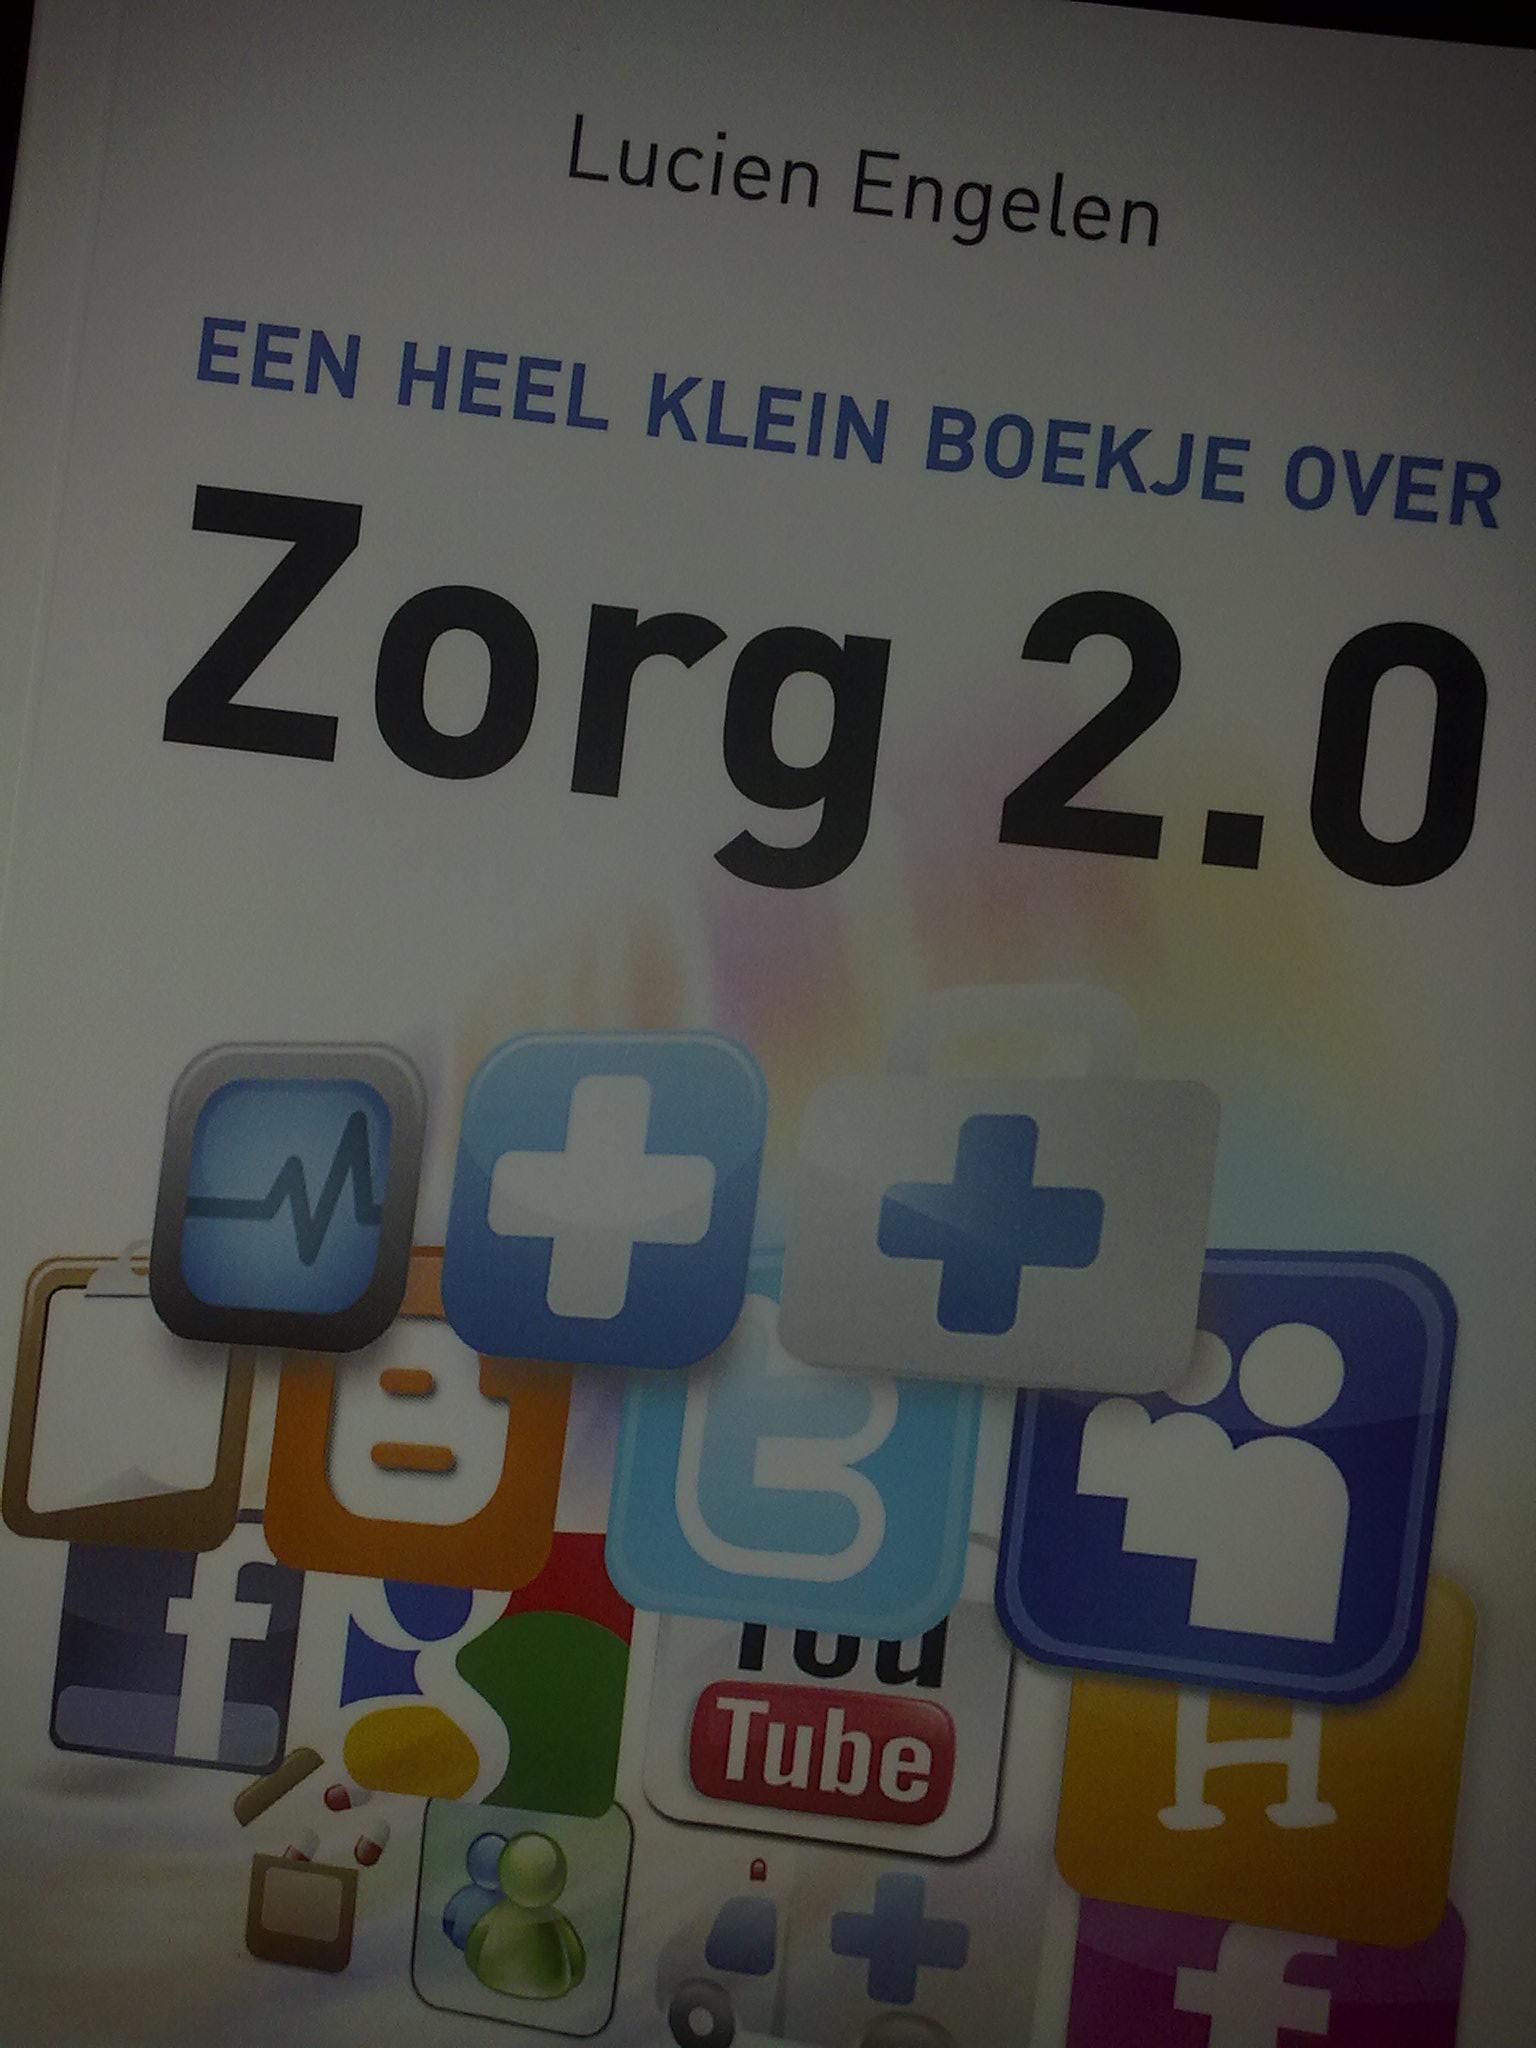 Zorg 2.0 Een heel klein boekje...